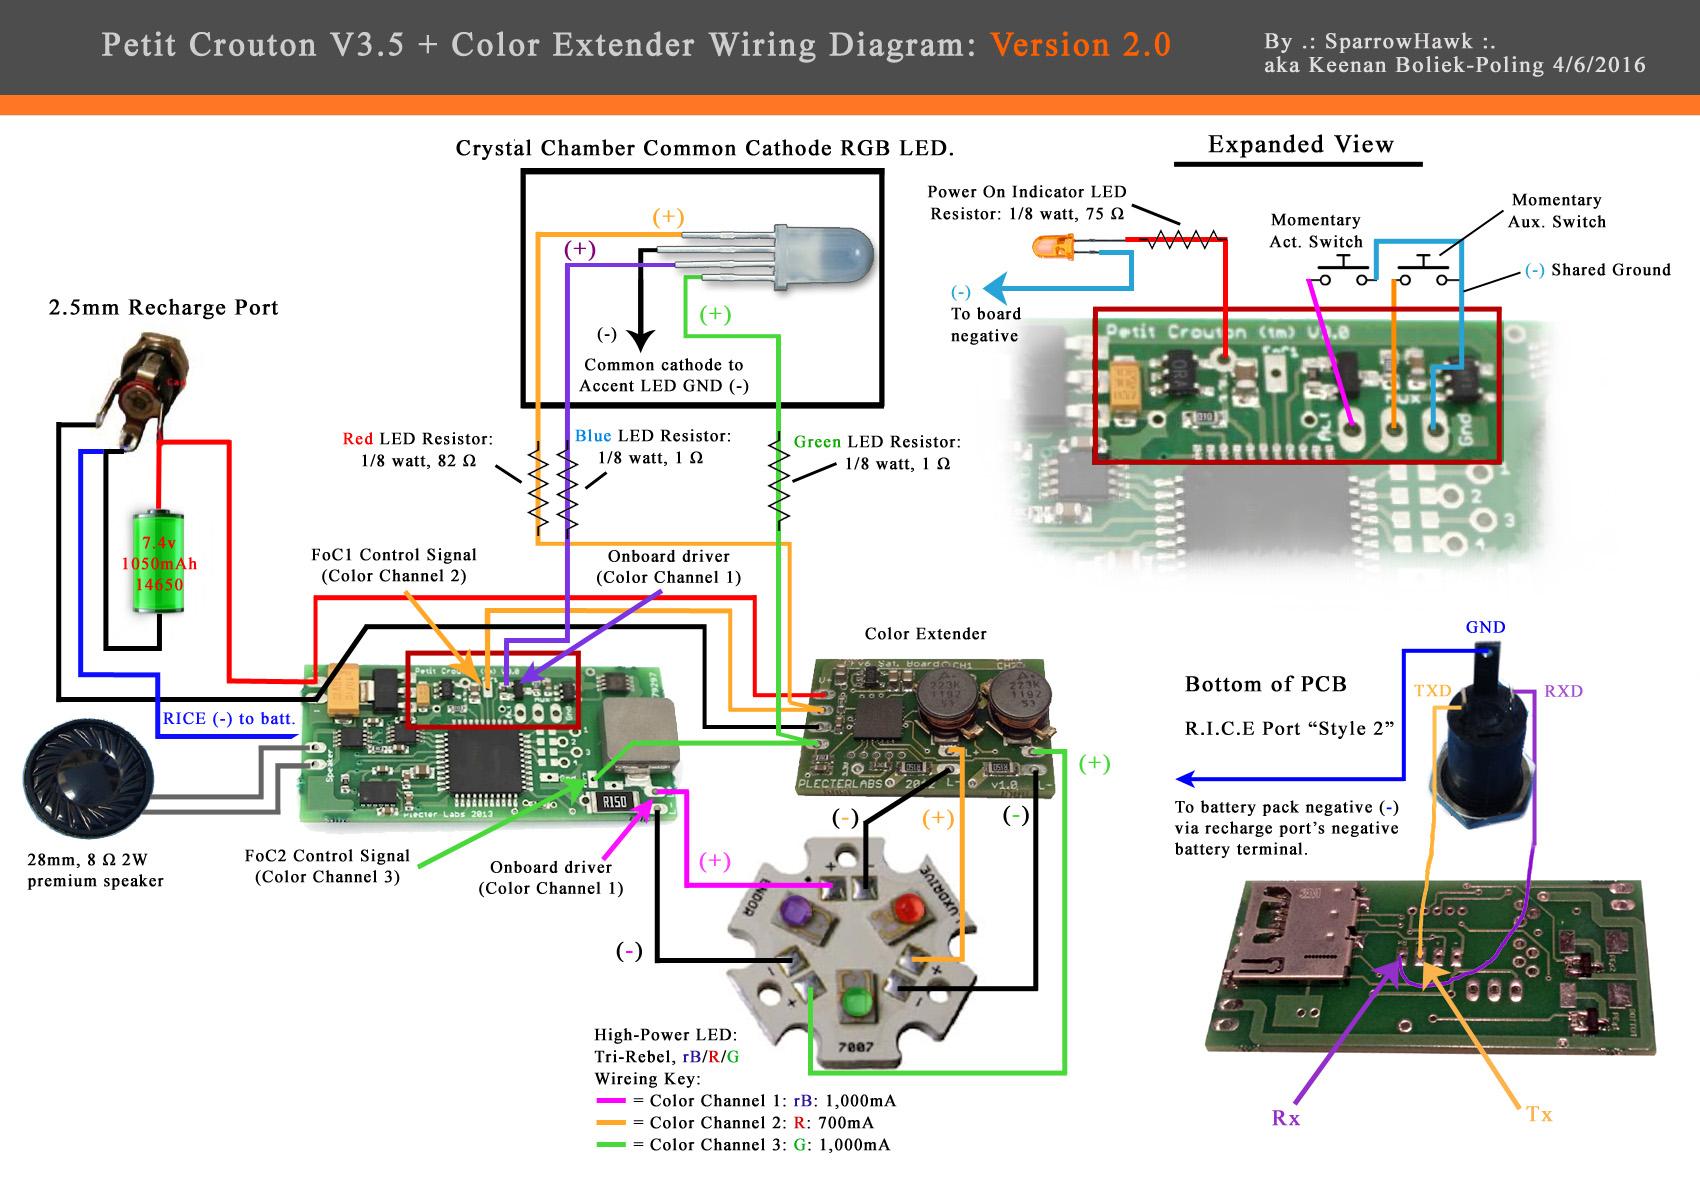 pc wire diagram wiring diagram schematics desktop wiring pc wiring schematic [ 1700 x 1200 Pixel ]